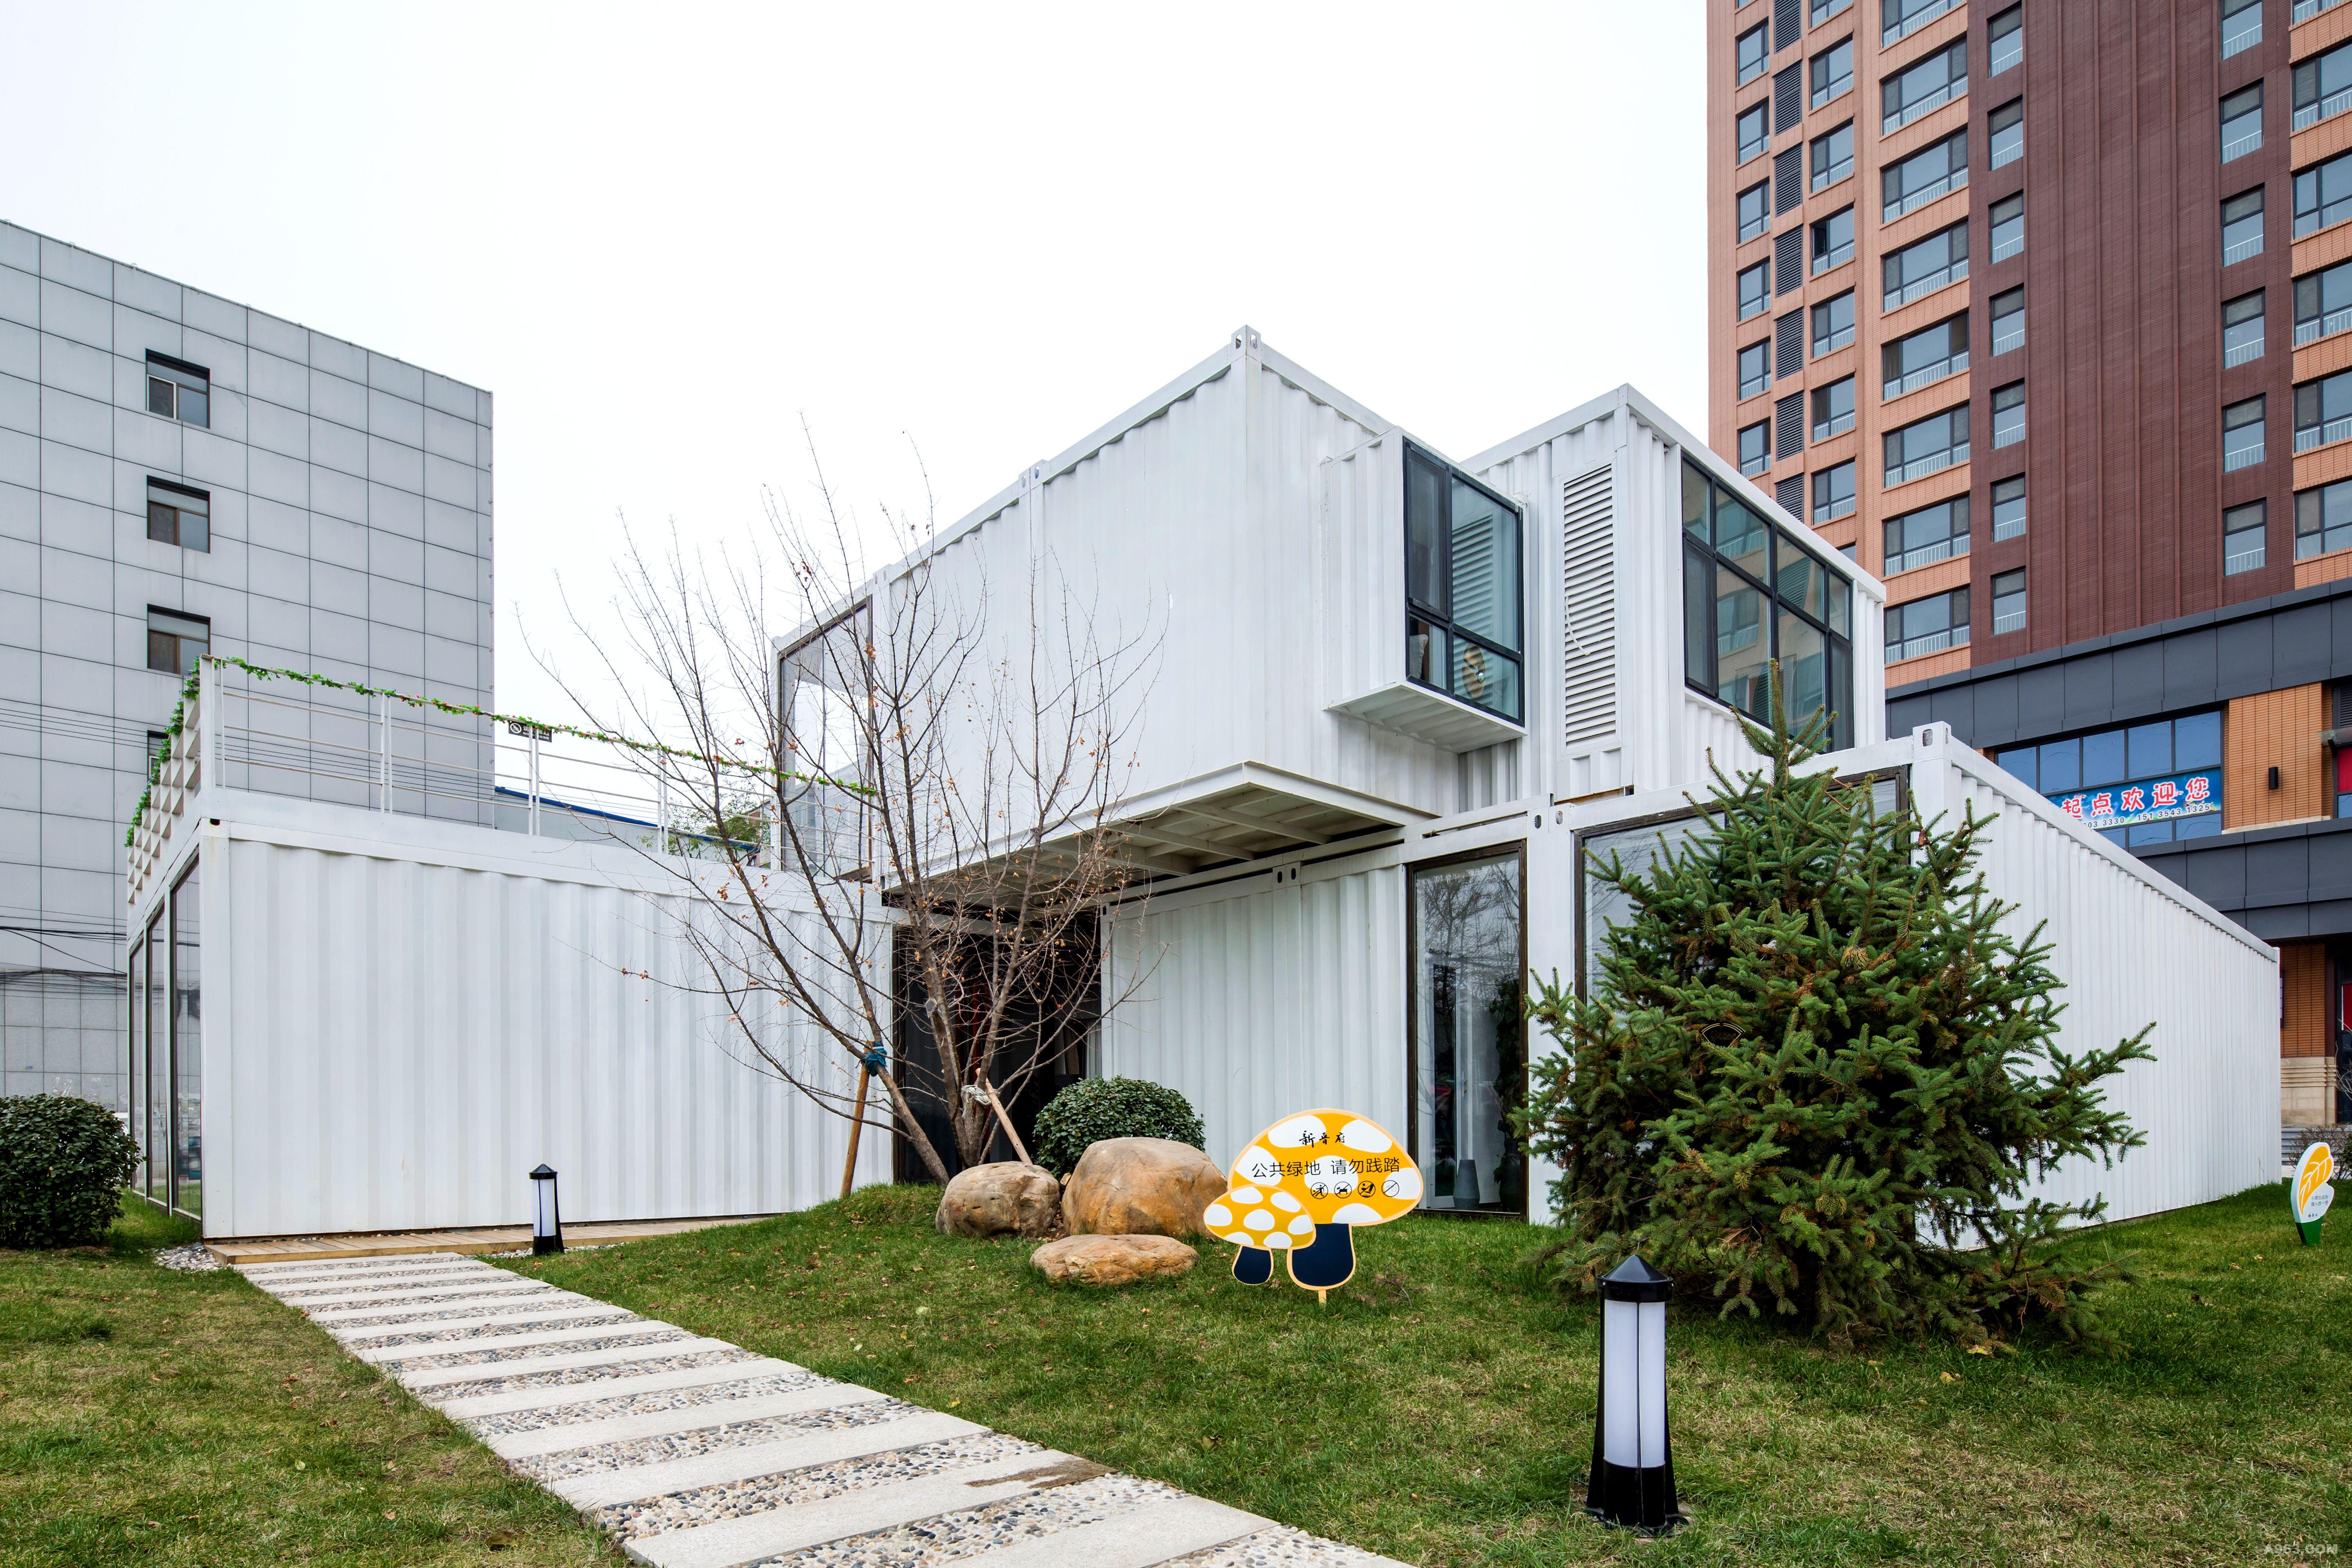 北京海岸集装箱设计案例——山西新晋府集装箱之家